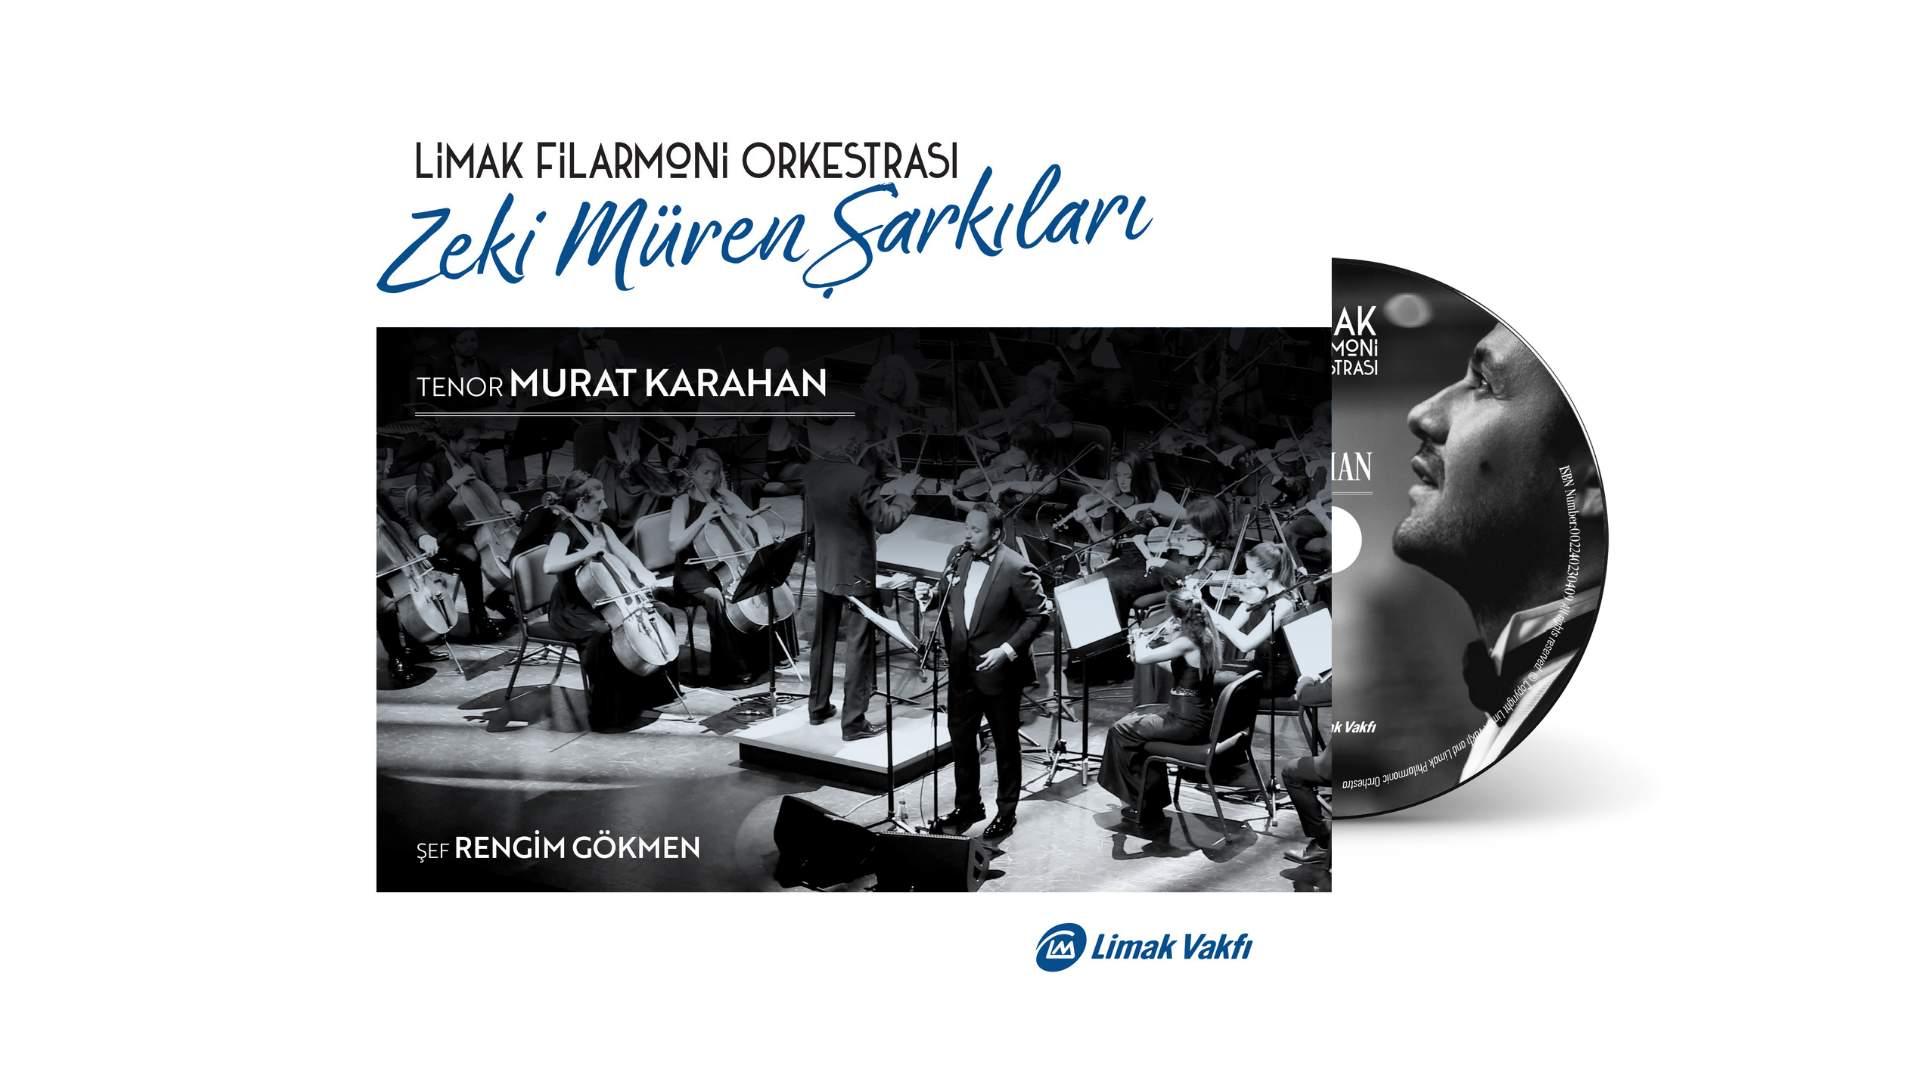 """Limak Filarmoni Orkestrası'ndan """"Zeki Müren Şarkıları"""" albümü"""